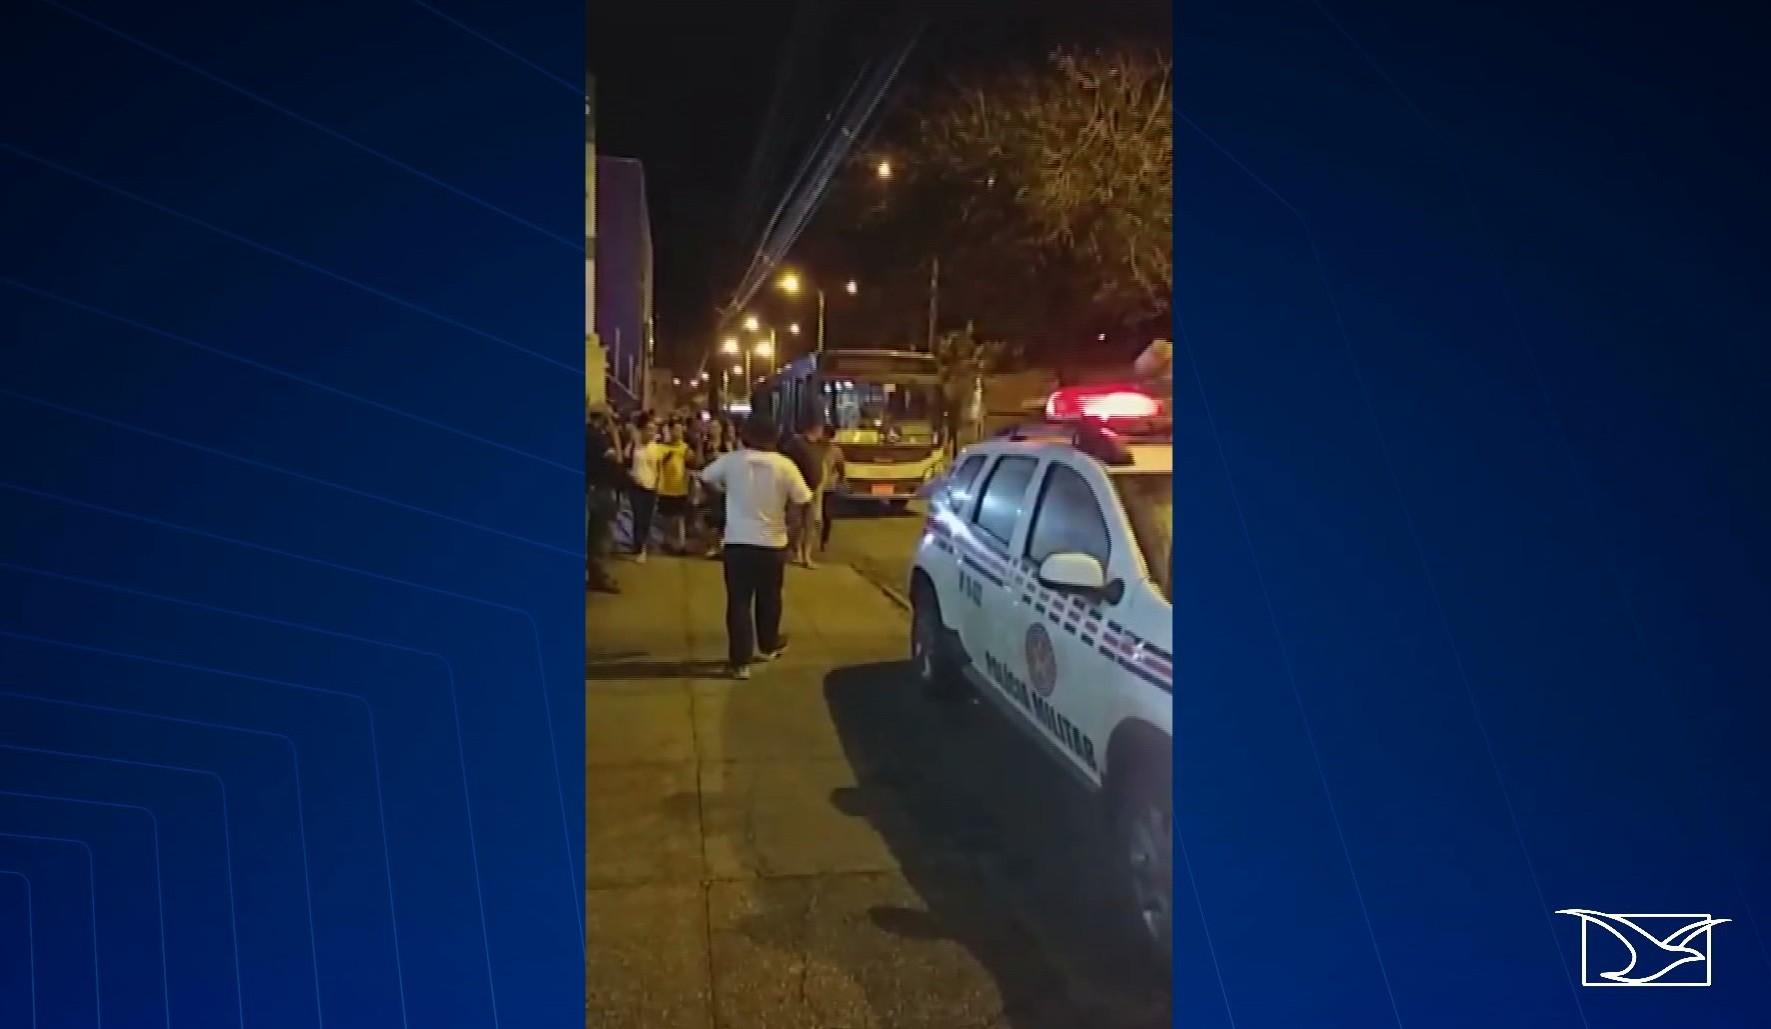 Passageiro é assassinado a tiros dentro de ônibus em São Luís - Noticias